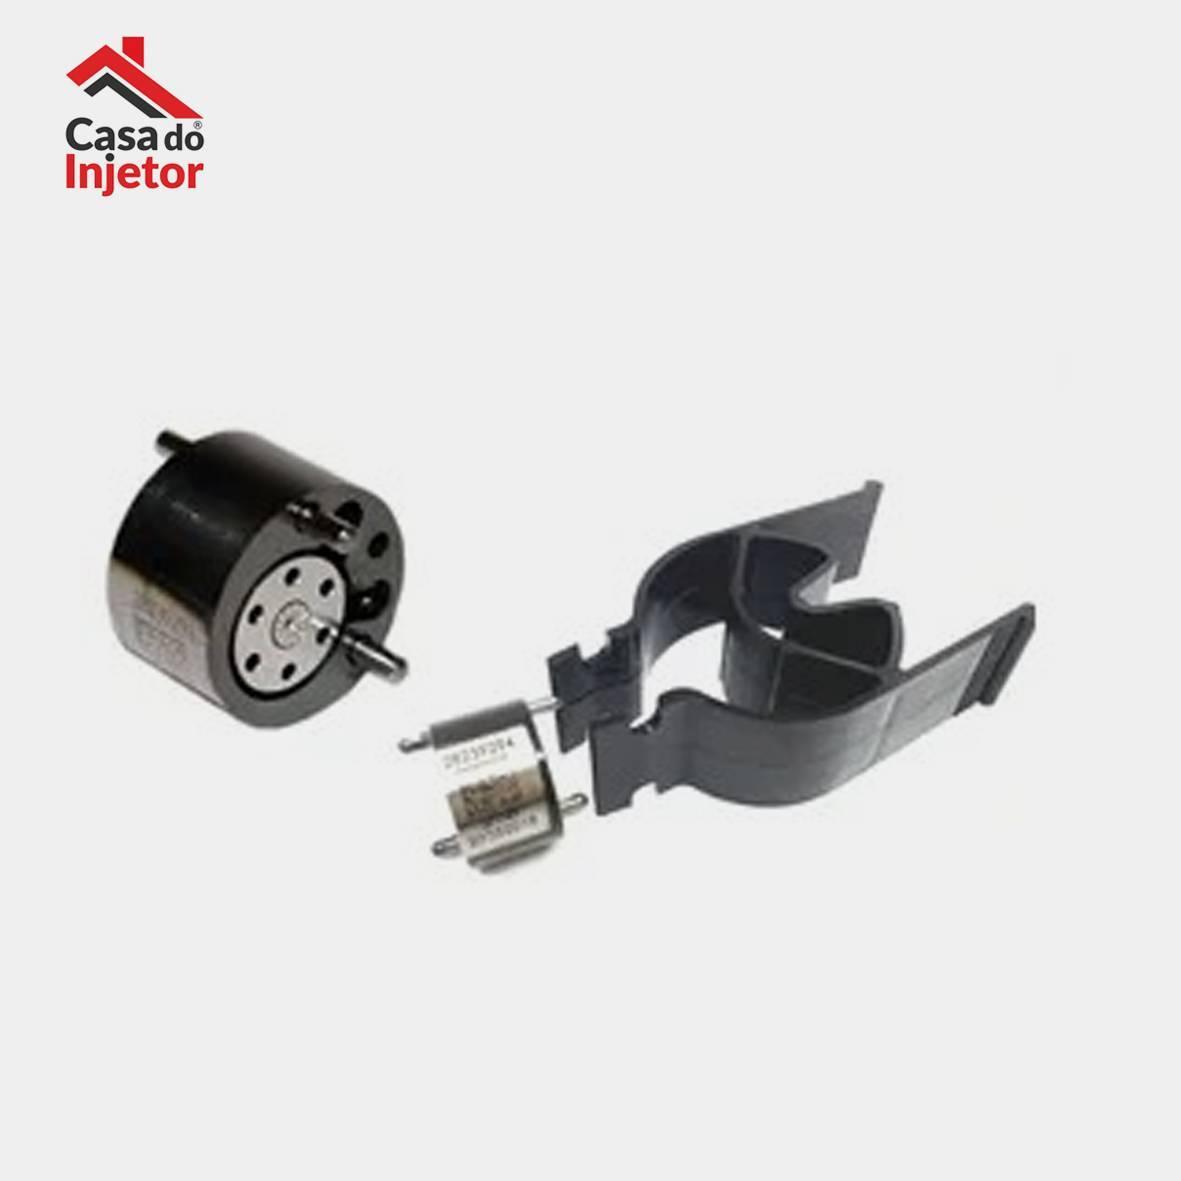 Válvula do Injetor HR Bongo 9308-625C LD 28277576 - Casa do Injetor